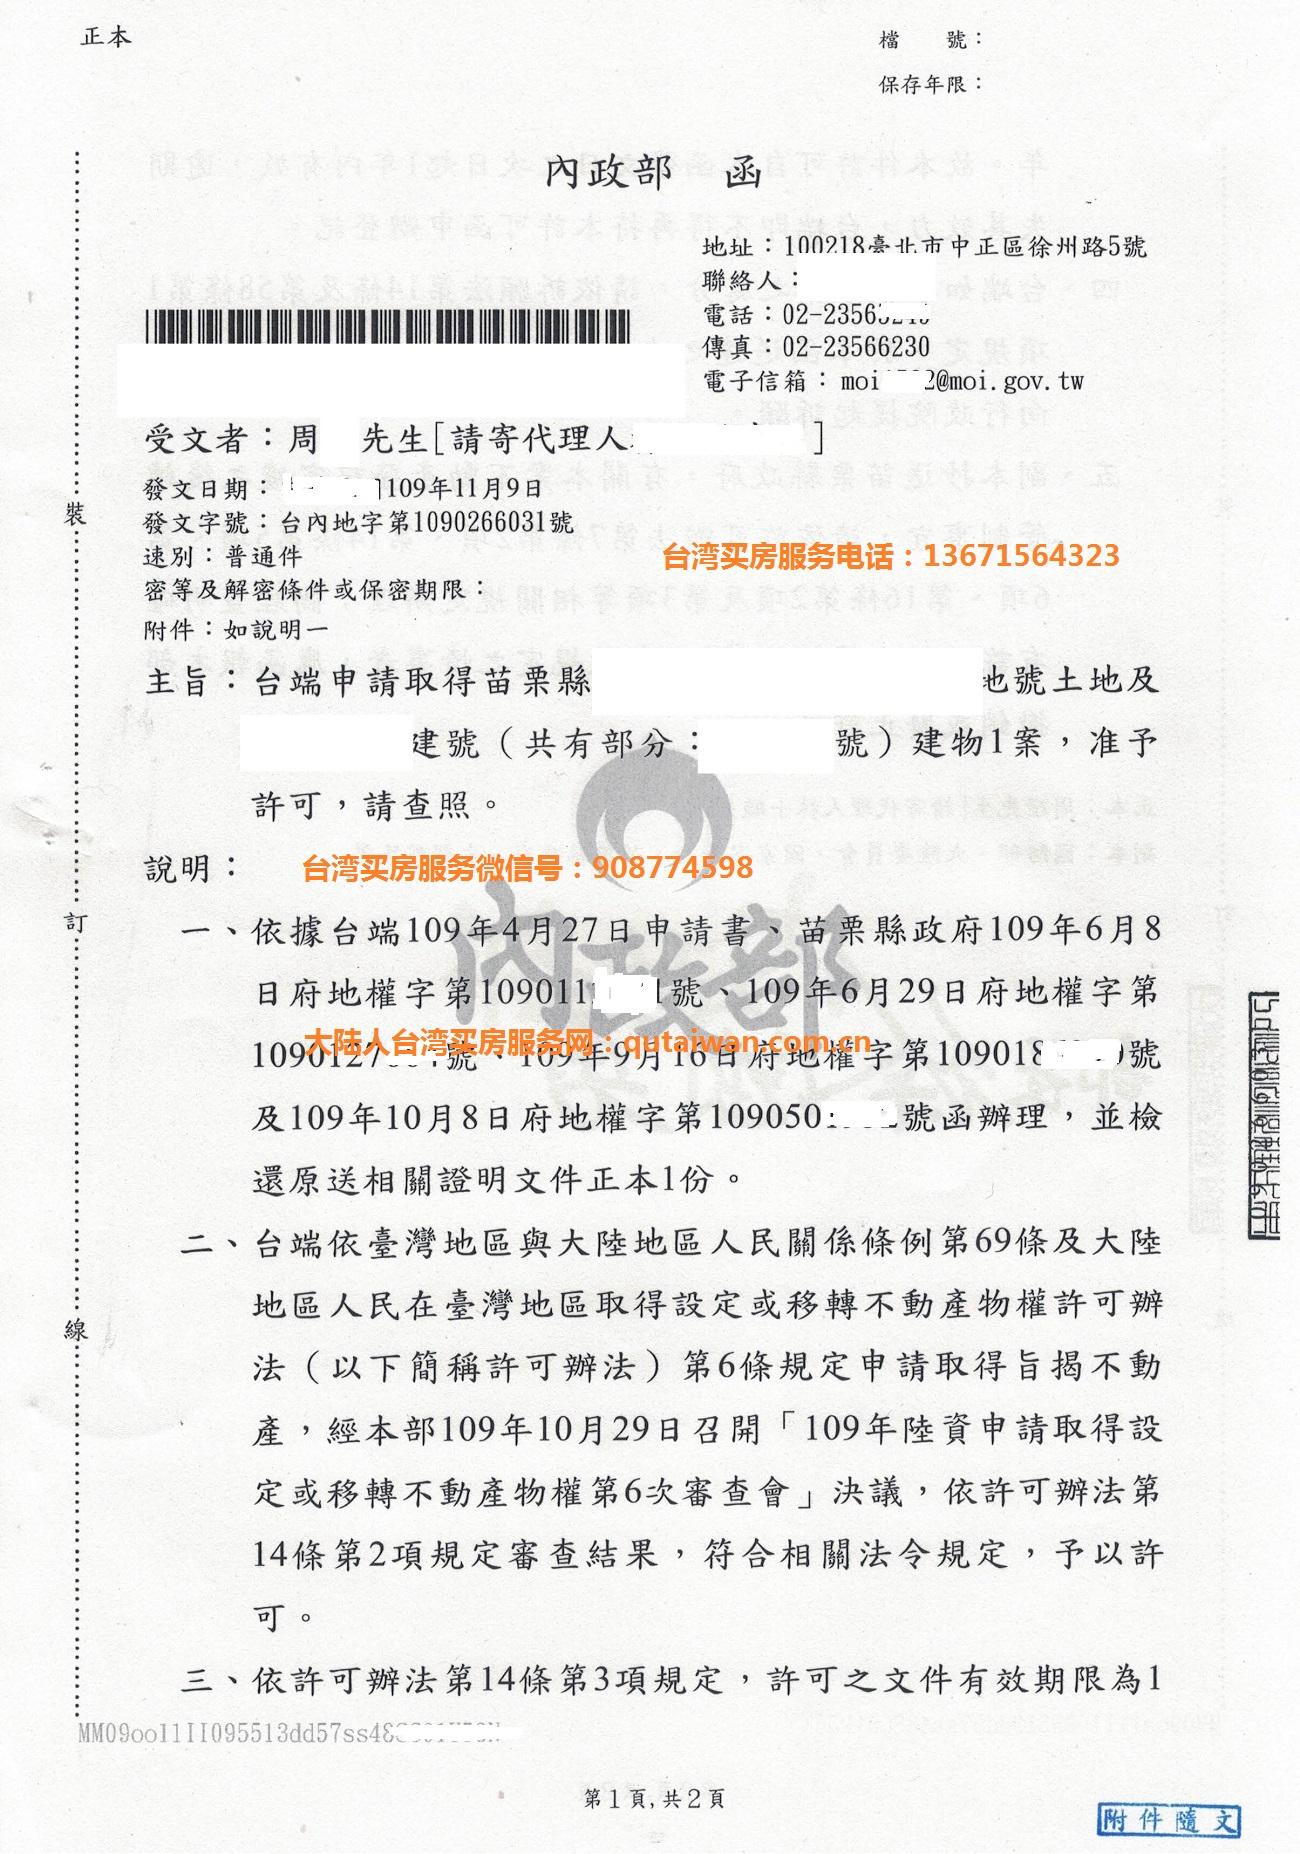 2020大陆人士台湾买房苗栗房子成功案例